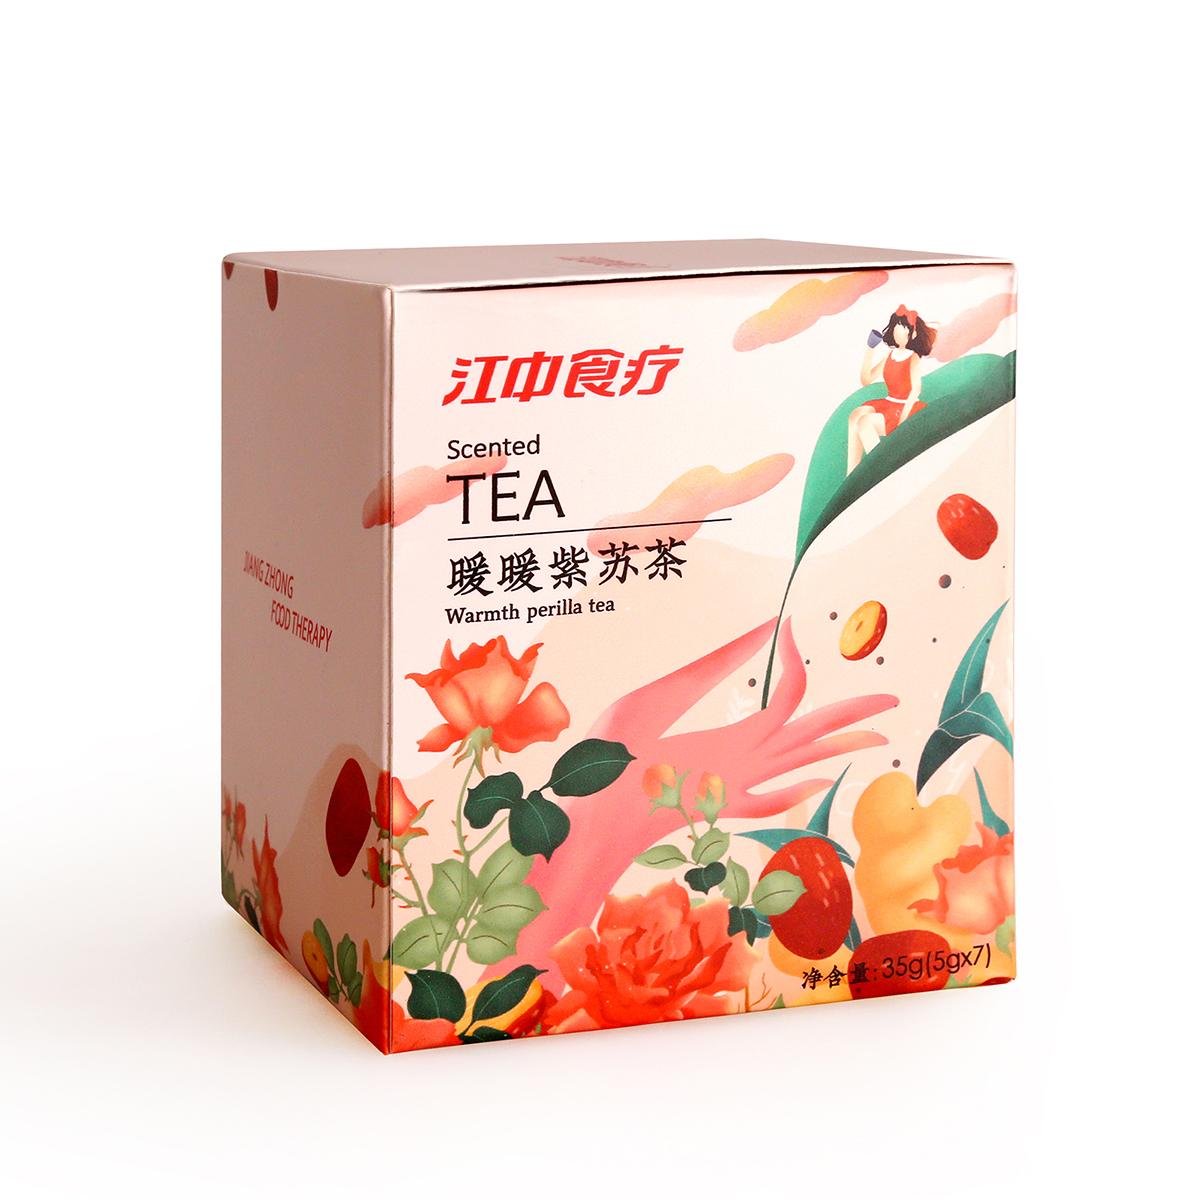 江中食疗暖暖紫苏茶7小袋共35g